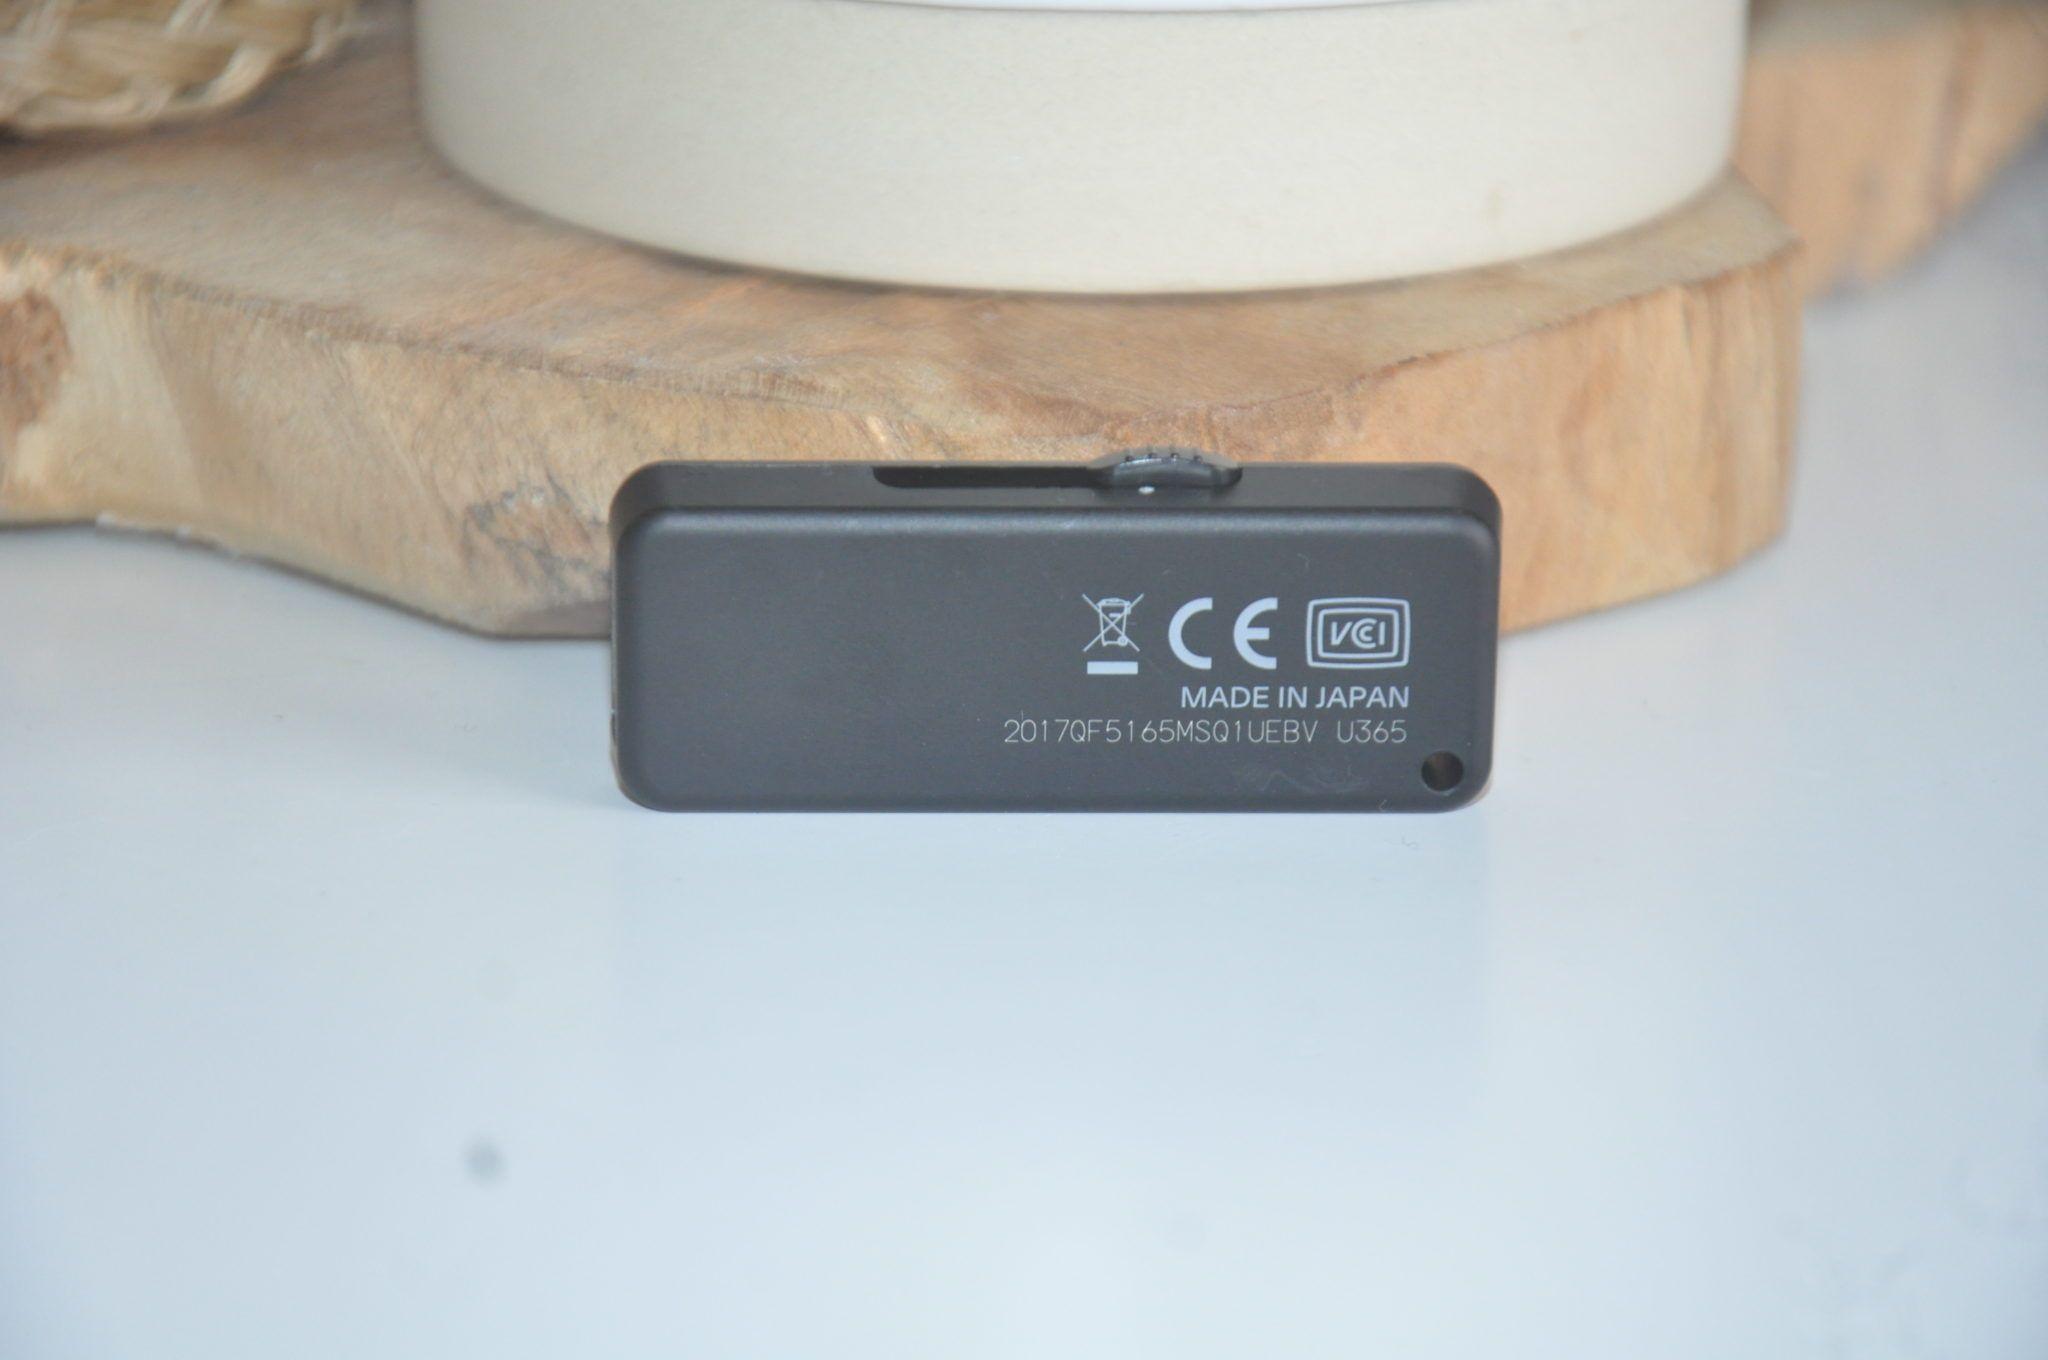 Review Kioxia Transmemory U365 32 GB 4